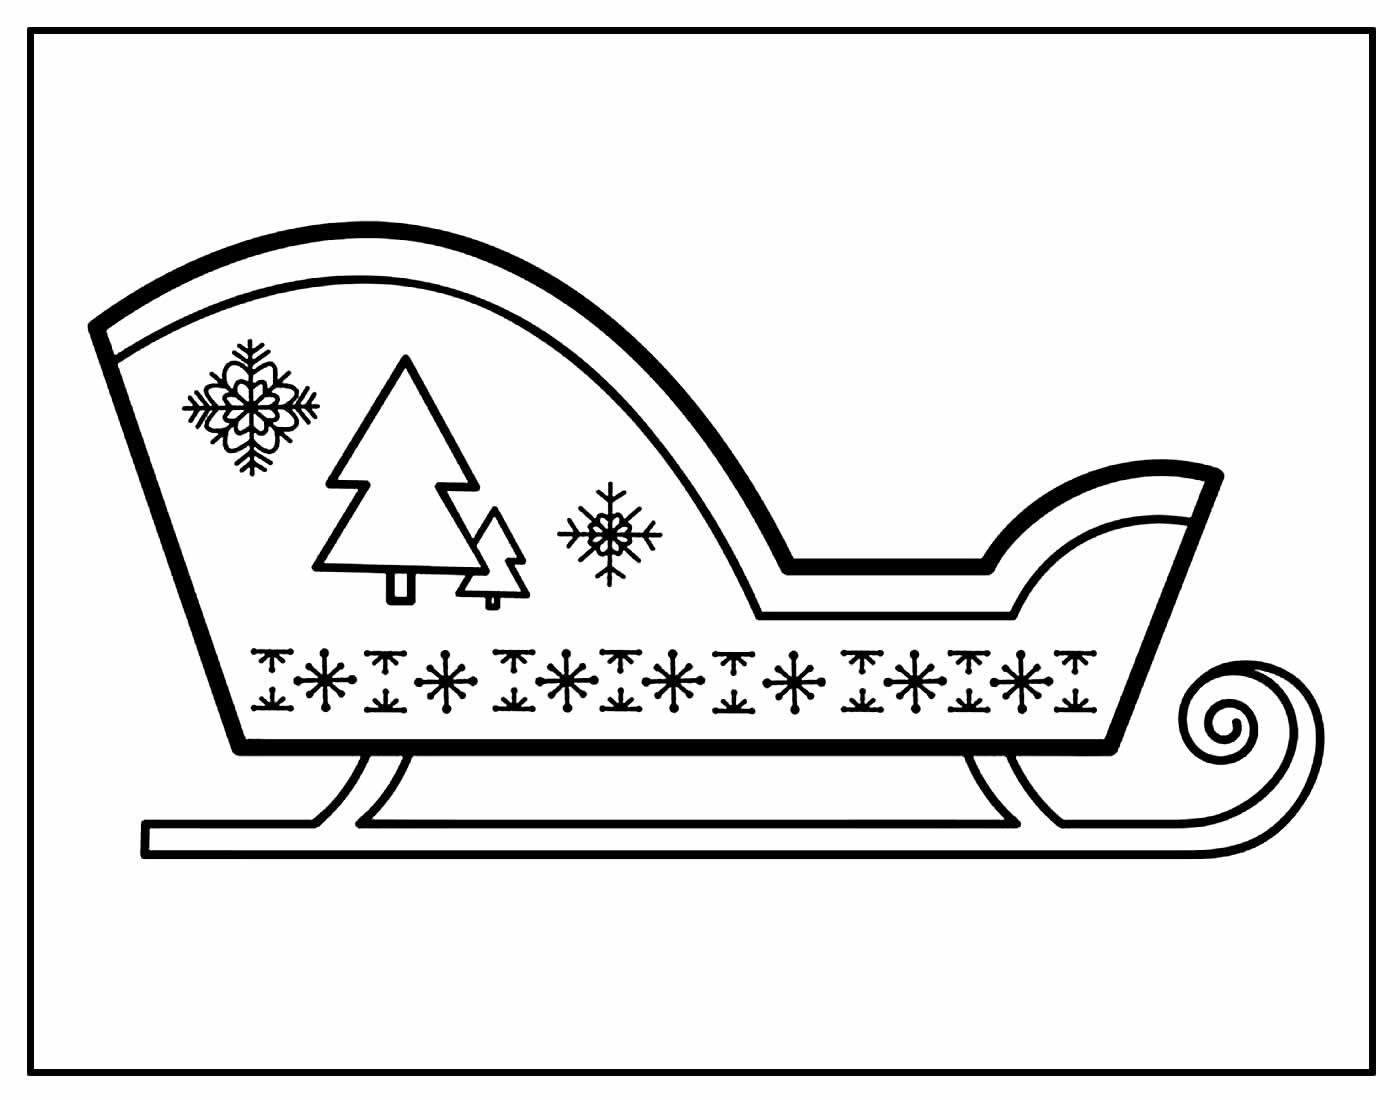 Desenhos de Papai Noel com trenó